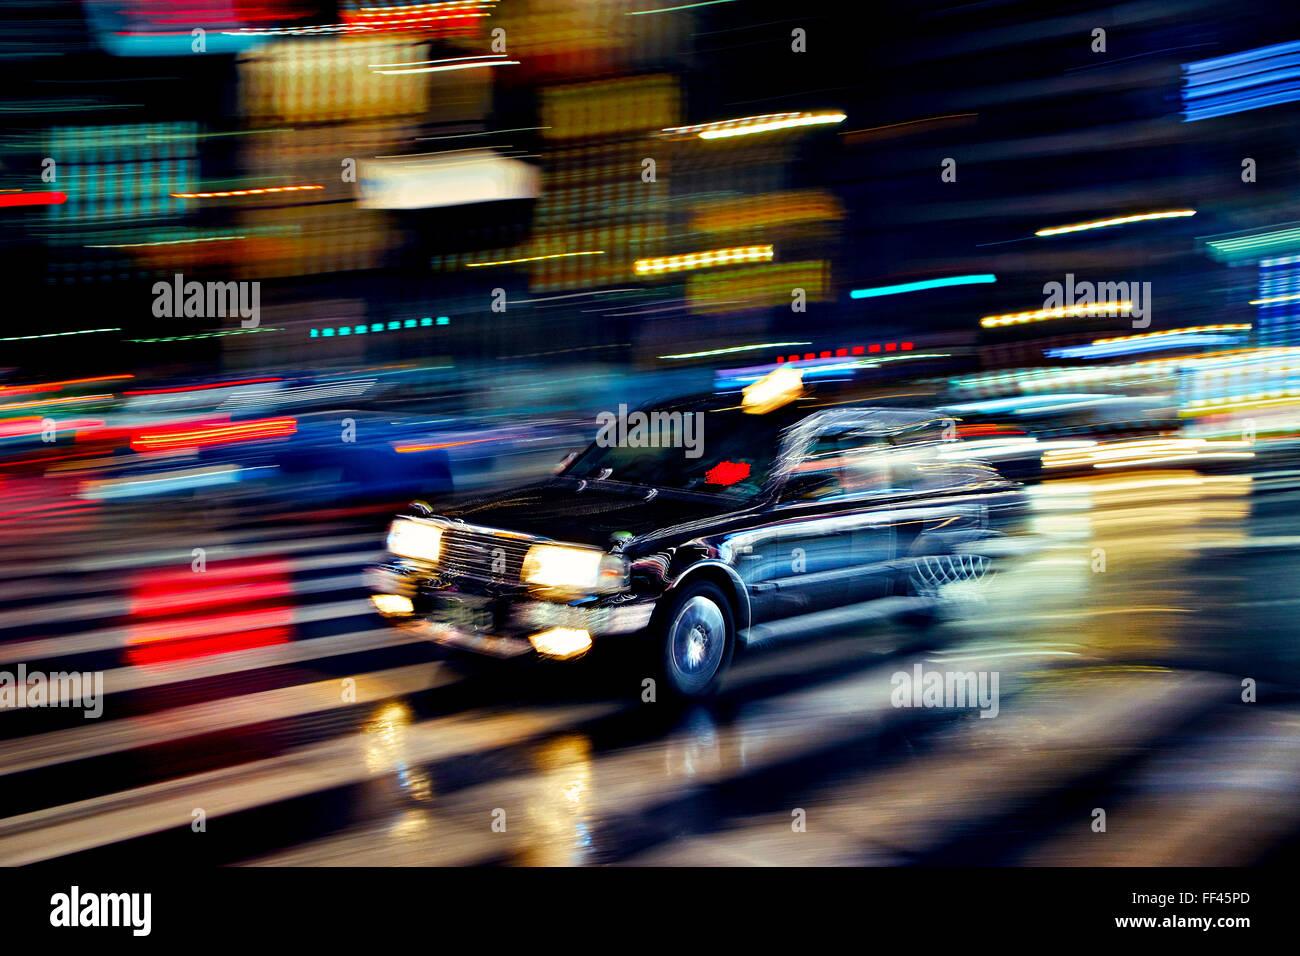 La isla de Japón, Honshu, Kanto, Tokio, un taxi por la noche. Imagen De Stock